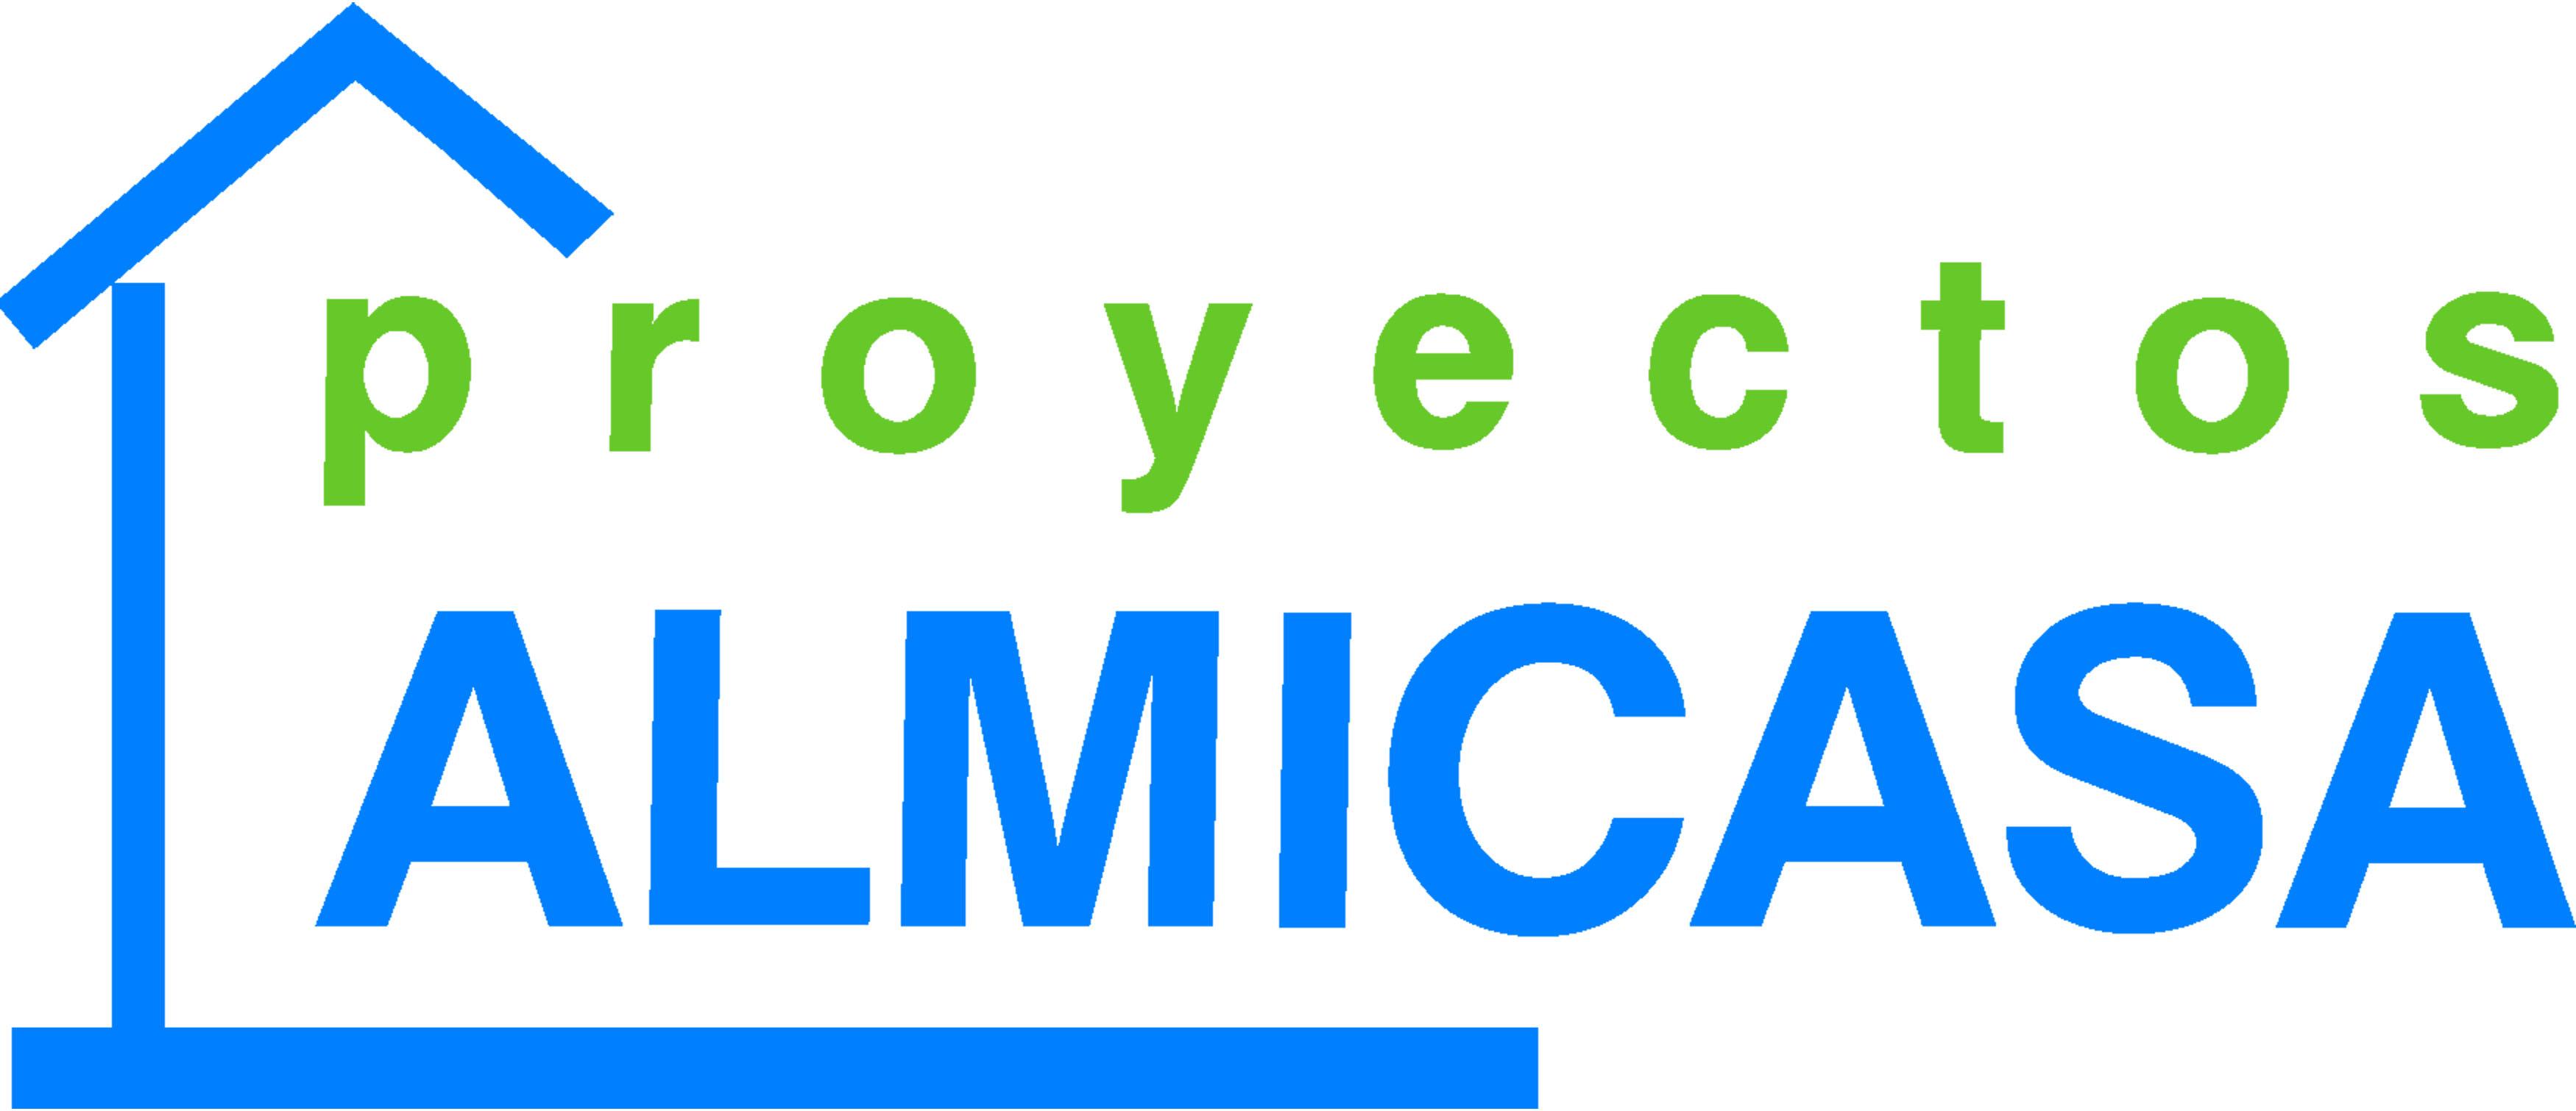 Proyectos Almicasa